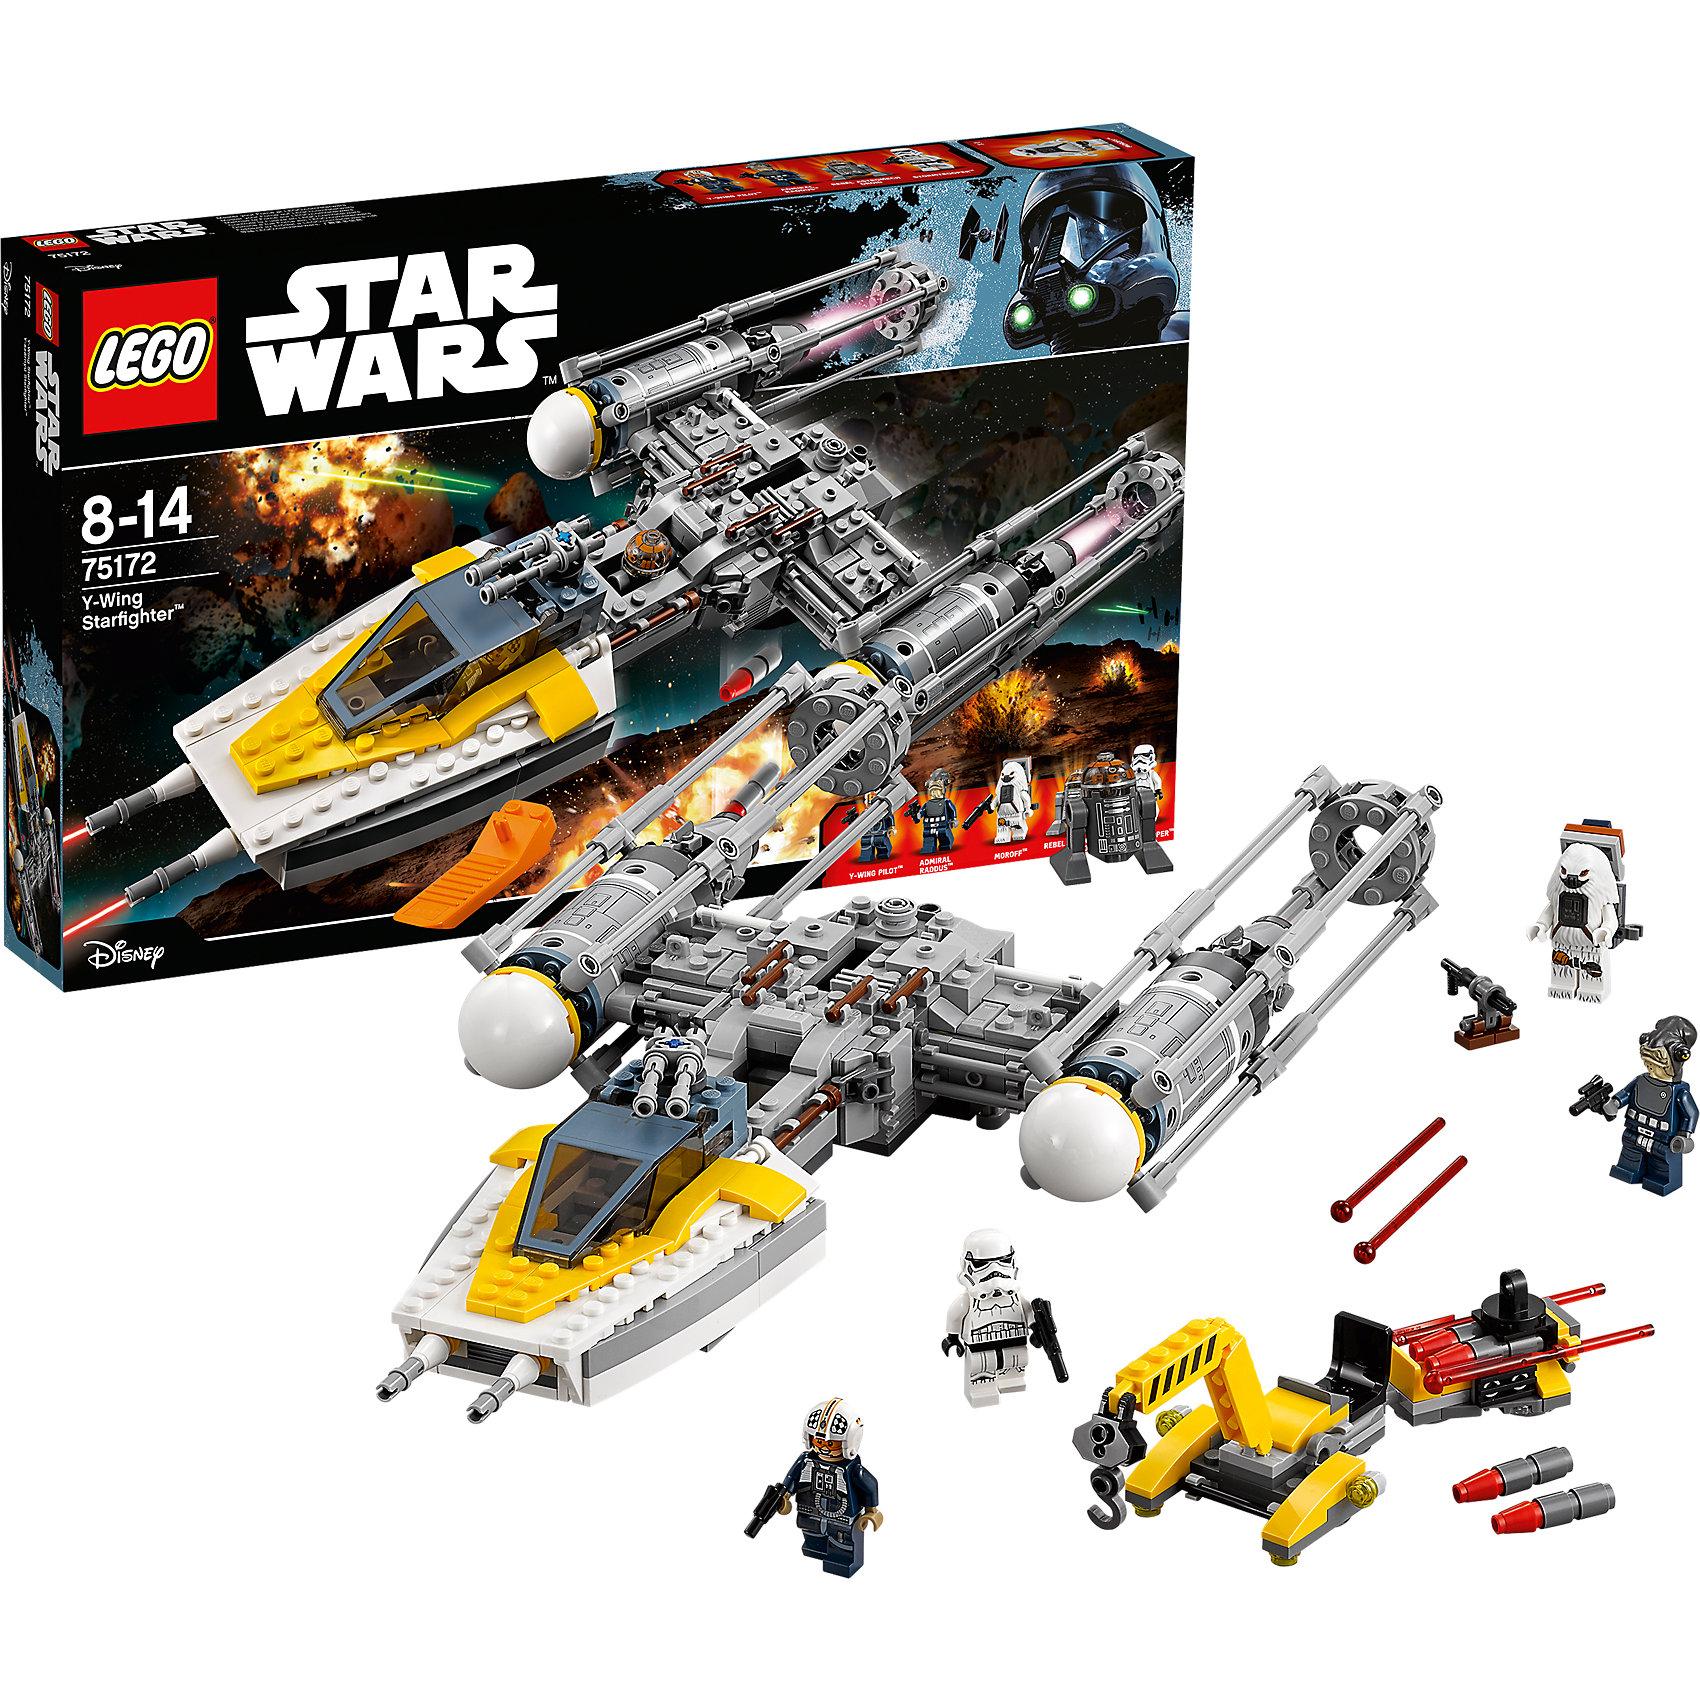 LEGO Star Wars 75172: Звёздный истребитель типа YПластмассовые конструкторы<br>LEGO Star Wars 75172: Звёздный истребитель типа Y<br><br>Характеристики:<br><br>- в набор входит: детали истребителя, детали погрузчика оружия, 5 фигурок, аксессуары, инструкция<br>- состав: пластик<br>- количество деталей: 691<br>- примерное время сборки: 3 часа<br>- размер истребителя: 41 * 20 * 7 см.<br>- размер погрузчика: 6 * 20 * 8 см.<br>- для детей в возрасте: от 8 до 14 лет<br>- Страна производитель: Дания/Китай/Чехия/<br><br>Легендарный конструктор LEGO (ЛЕГО) представляет серию «Звездные Войны» с героями одноименных фильмов. В набор входит сам истребитель и погрузчик боеприпасов на колесиках. Погрузчик с прицепом вмещает в себя боеприпасы и с помощью двигающегося манипулятора загрузит оружие и подготовит легендарный корабль повстанцев к битве. Звёздный истребитель   типа Y это многофункциональное судно с функциями легкого бомбардировщика, обладает сокрушительной огневой мощью в ближнем бою. Прекрасно детализированная кабина пилота с приборной панелью-наклейкой оснащена оружием спереди и сверху. Две верхние пушки крутятся, а открывающаяся деталь кабины не требует наклеек, так как уже раскрашена на заводе. Прямо под корпусом кабины расположены две пружинные ракеты, которыми можно стрелять (дополнительные ракеты входят в набор) За кабиной пилота расположено место для дроида астромеханика. Очень детализированные корпус корабля содержит множество меленьких деталей. Отсек с бомбами содержит крутящийся механизм, позволяющий осуществлять бомбардировку и загружать новые бомбы. Два больших и реалистичных двигателя дополняются четырьмя наклейками. Прозрачная фиолетовая деталь показывает, что двигатель работает. Фигурки в наборе включают пилота корабля, Адмирала Раддуса, Мороффа, штурмовика и сборного робота астромеханика. Присоединись к команде повстанцев и совершенствуй свою силу. <br><br>Конструктор LEGO Star Wars 75172: Звёздный истребитель типа Y можно купить в нашем интернет-магазине